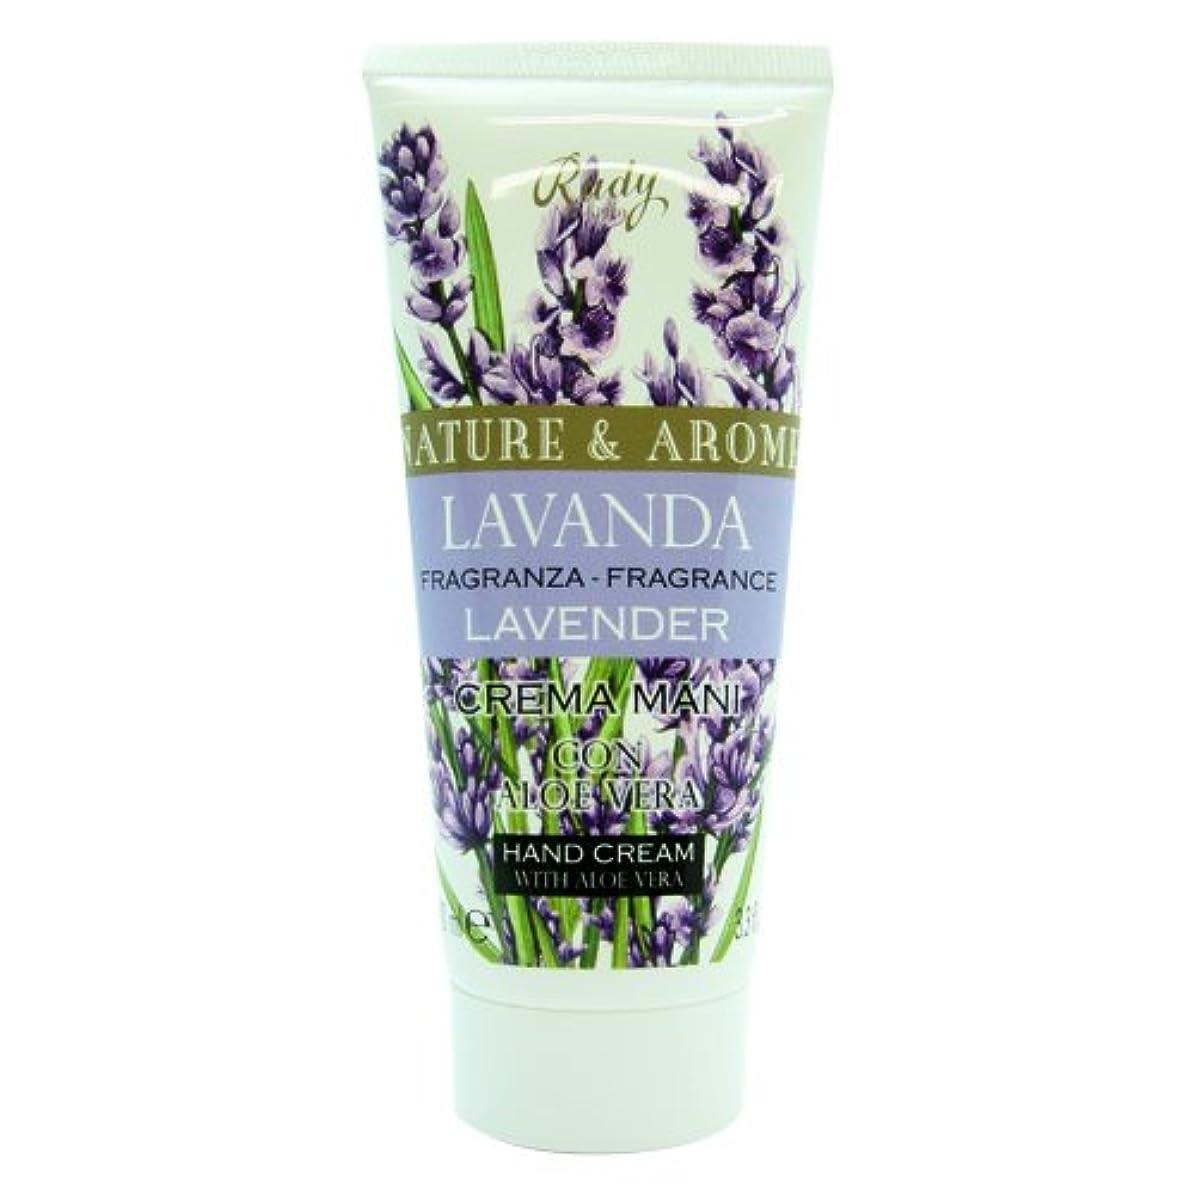 クライマックス透けて見える尋ねるRUDY Nature&Arome SERIES ルディ ナチュール&アロマ Hand Cream ハンドクリーム  Lavender ラベンダー